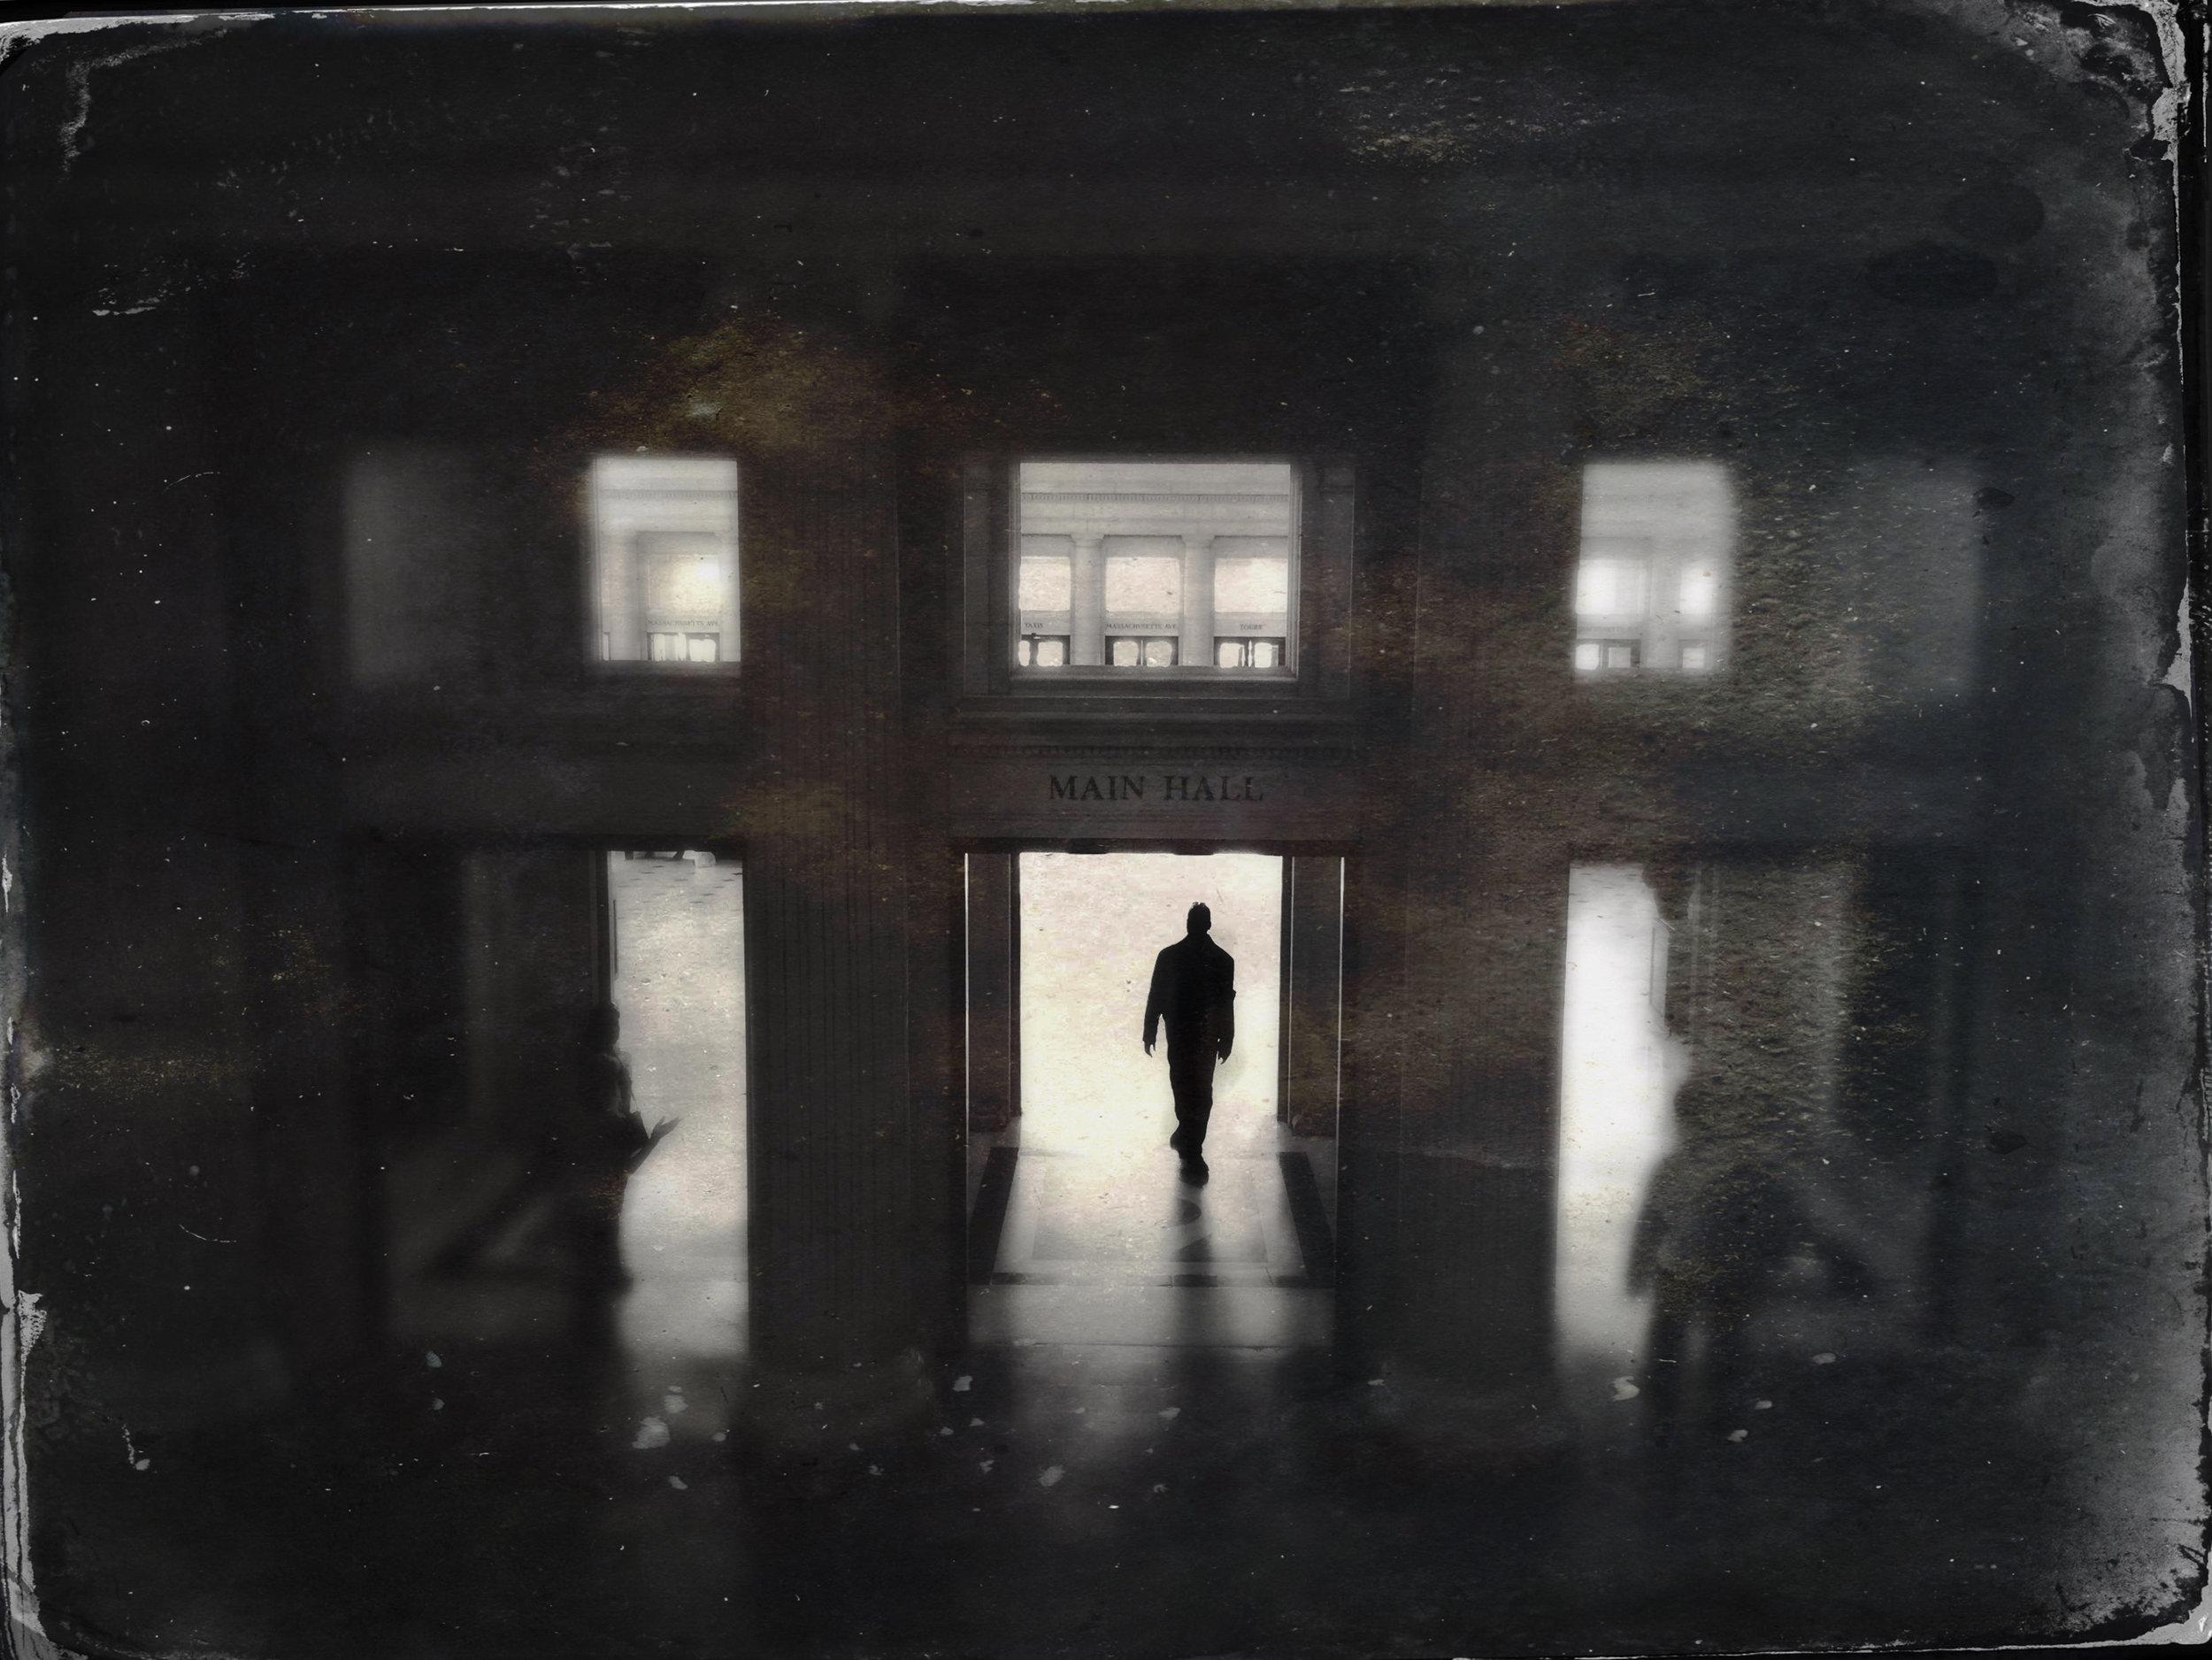 Union Station - Washington, DC